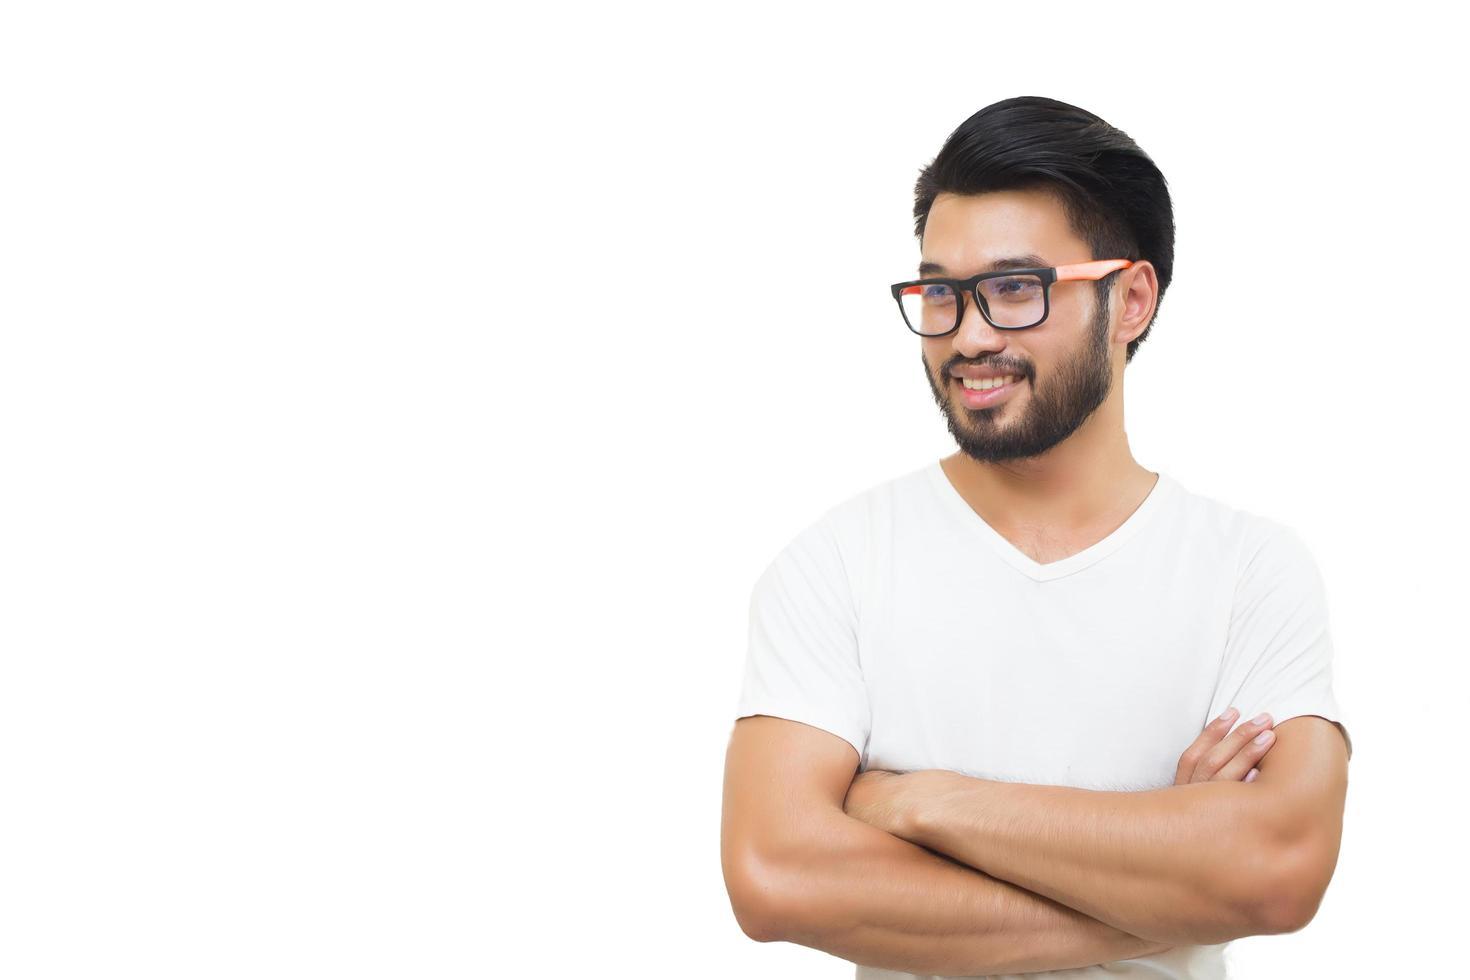 bel homme asiatique souriant et riant sur fond blanc photo